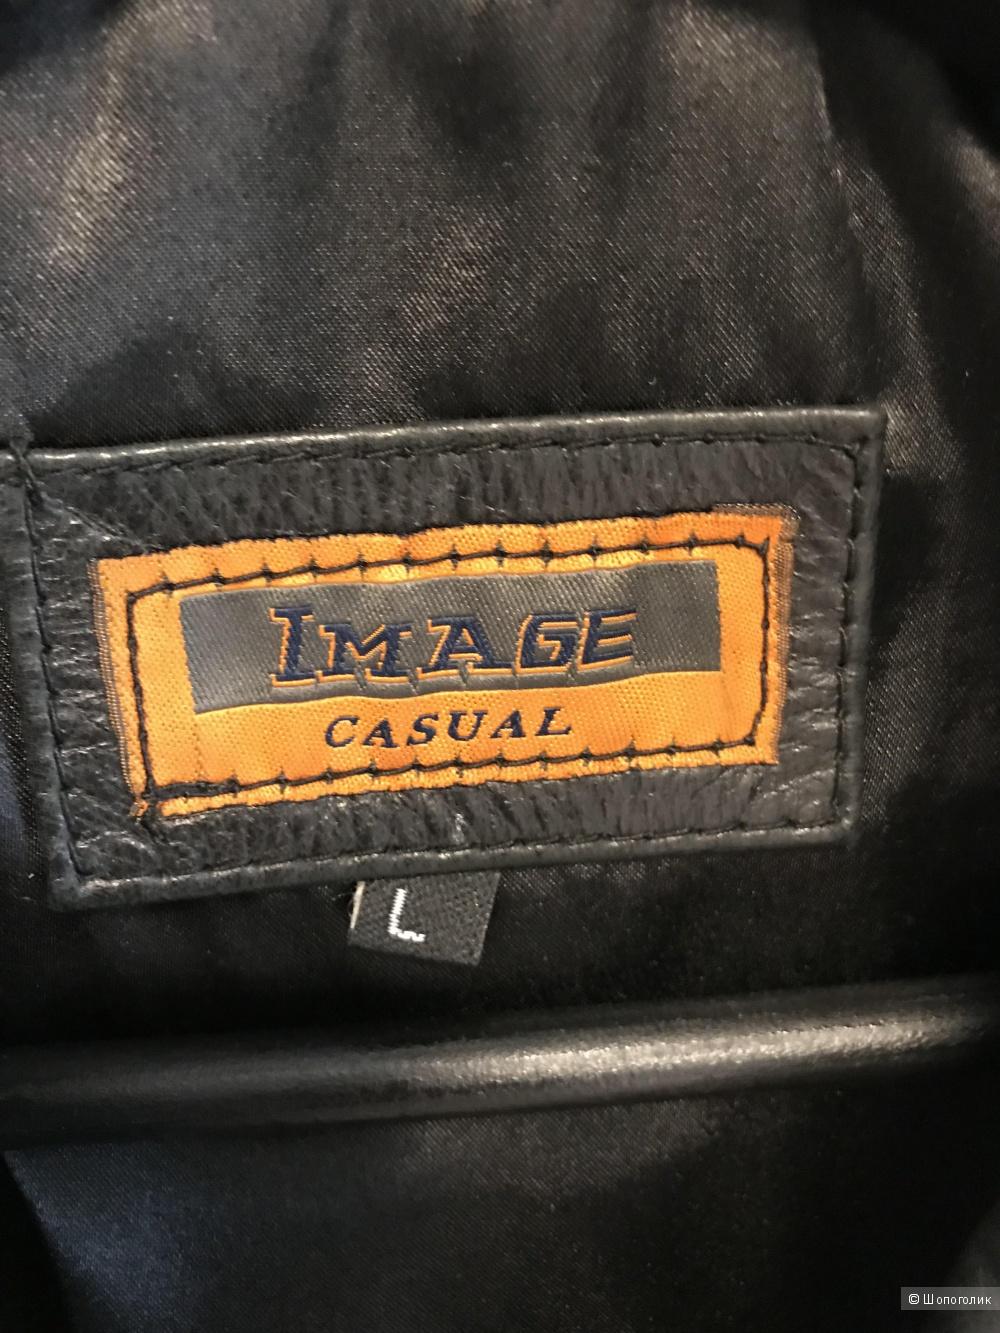 Кожаная жилетка Image Casual, размер S-L